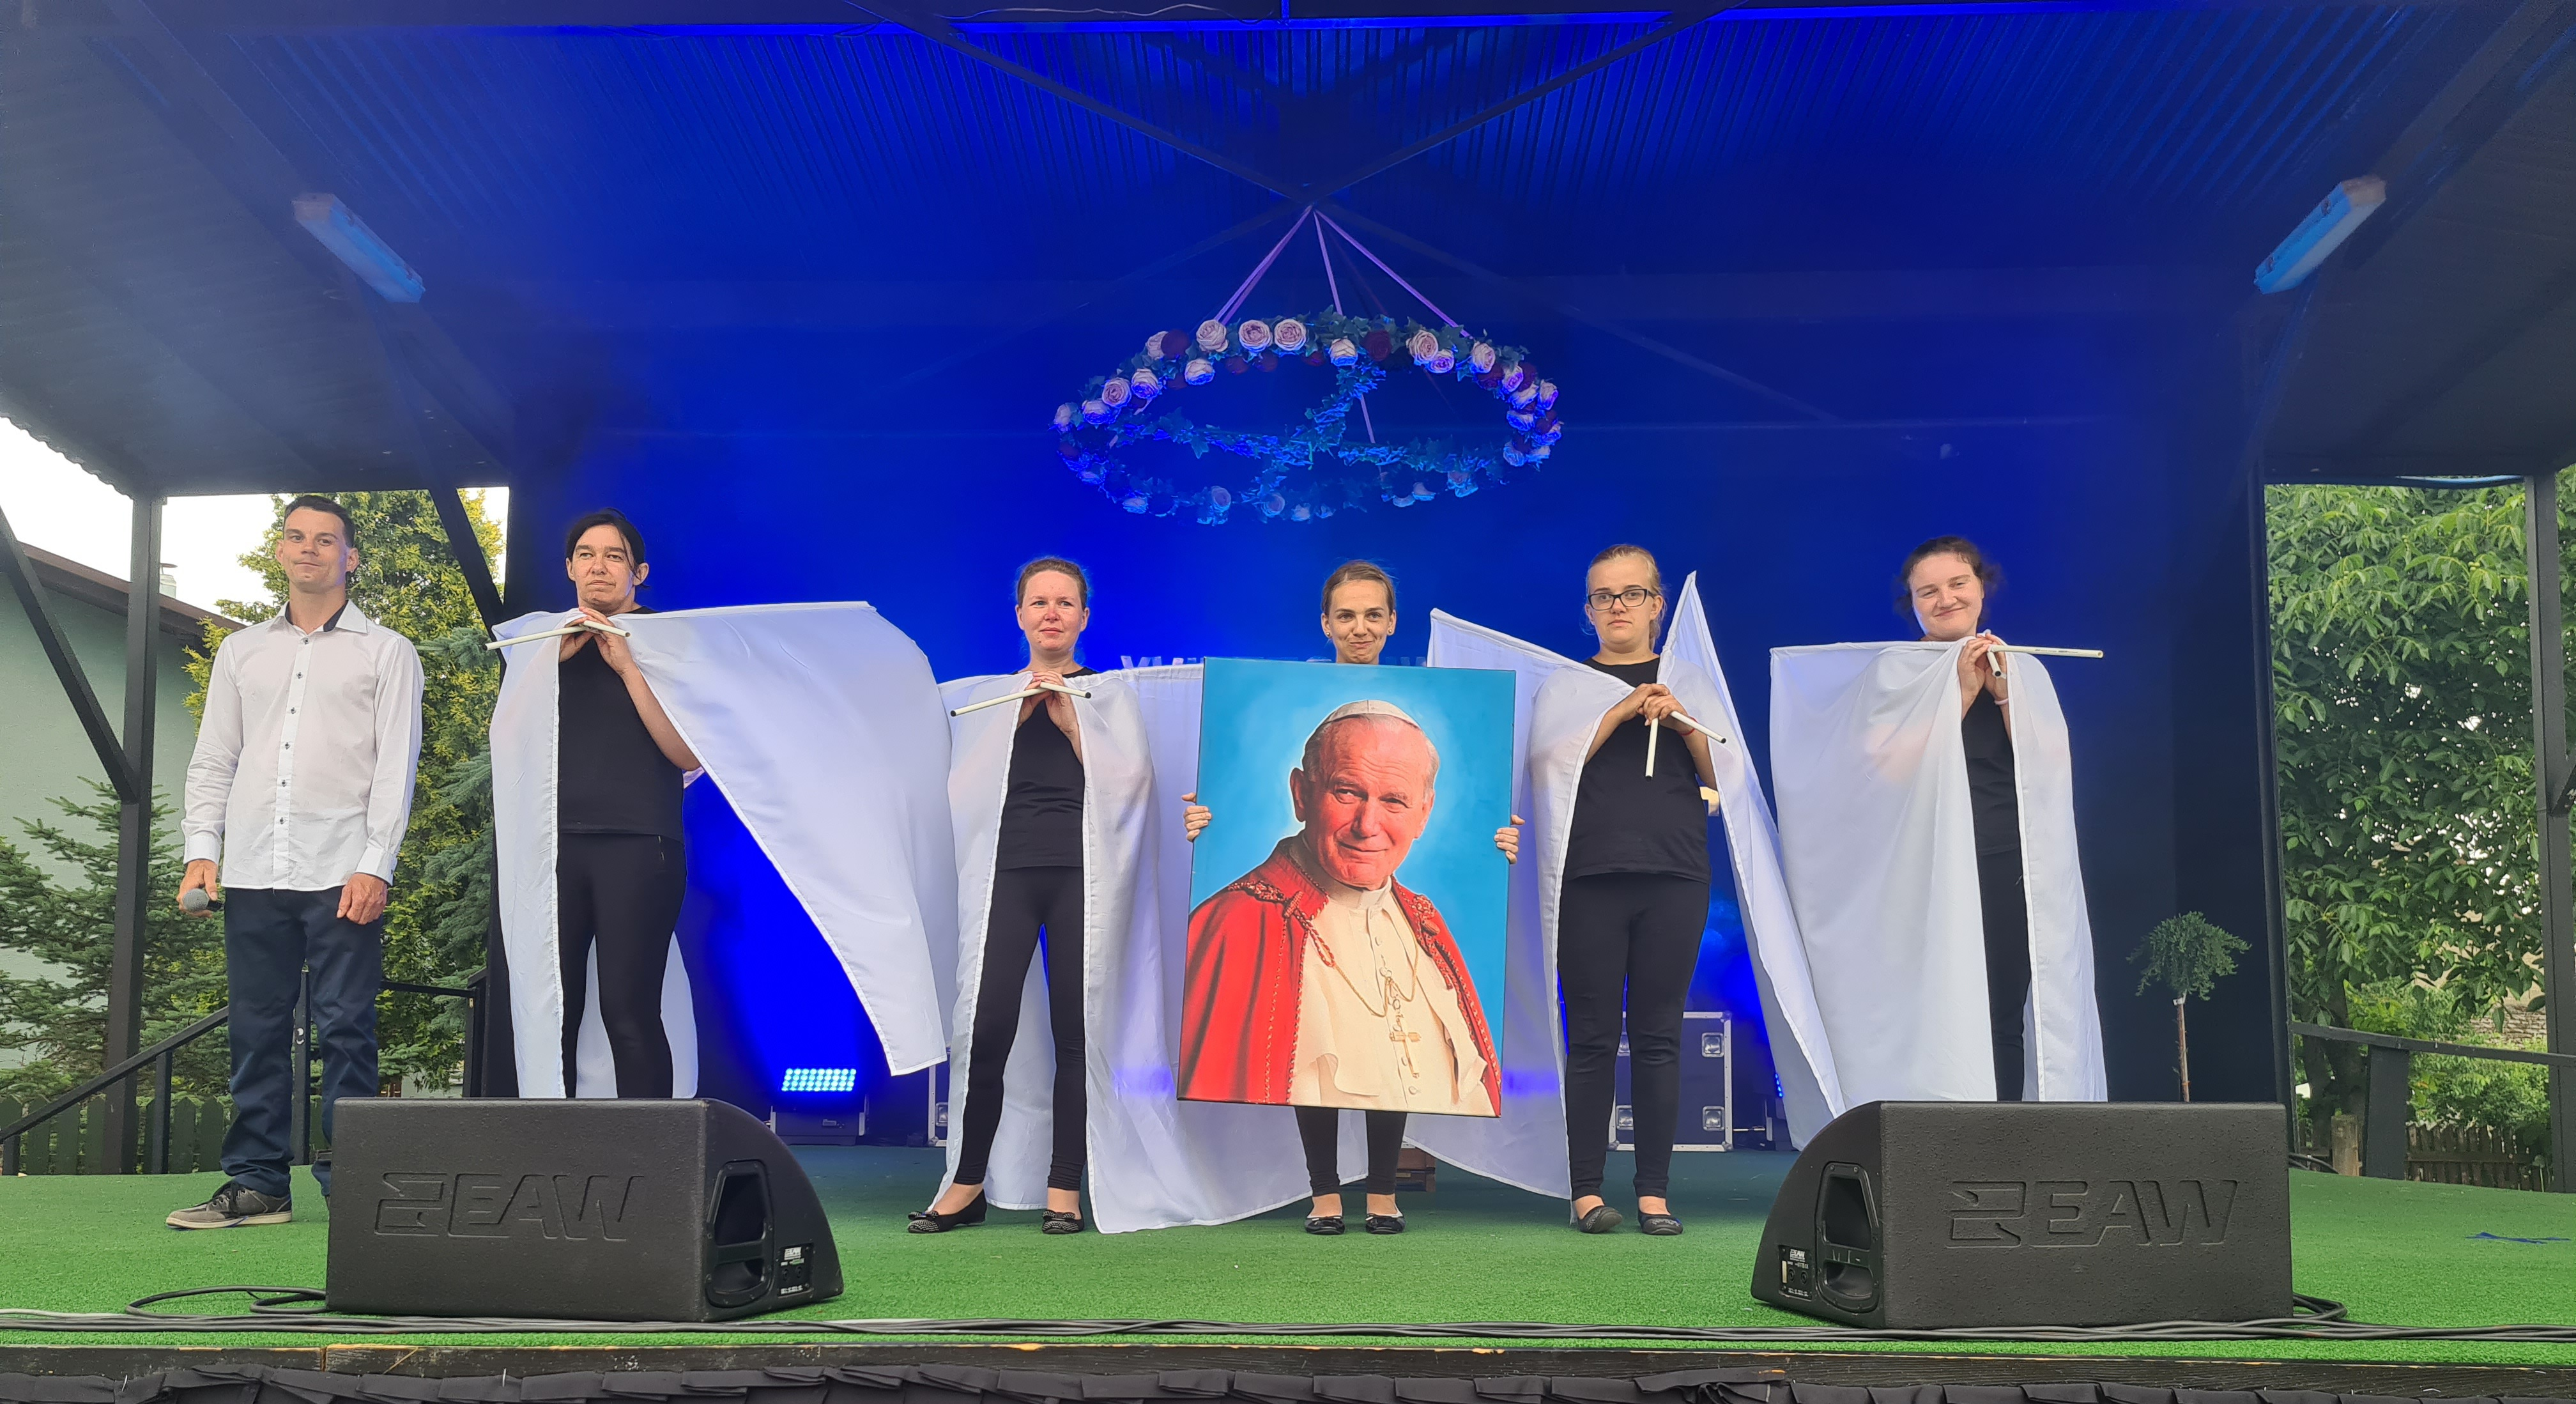 XVIII Festiwal Piosenki i Form Twórczych Osób Niepełnosprawnych w Podolanach